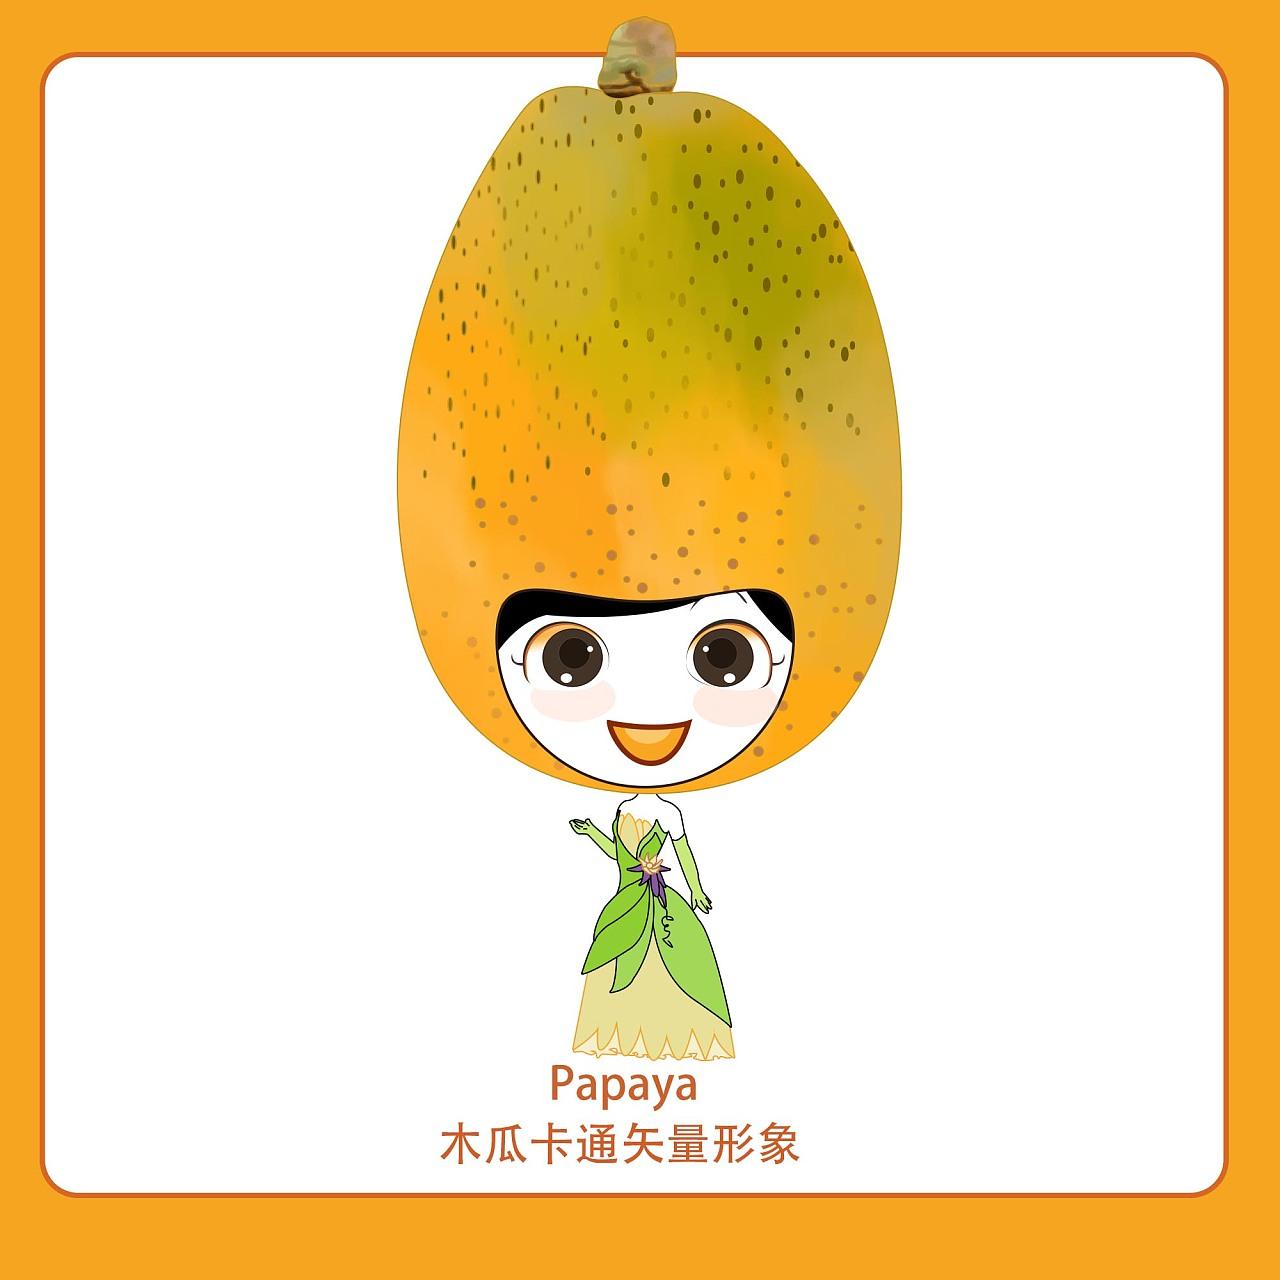 ps手绘原创水果卡通人物设计